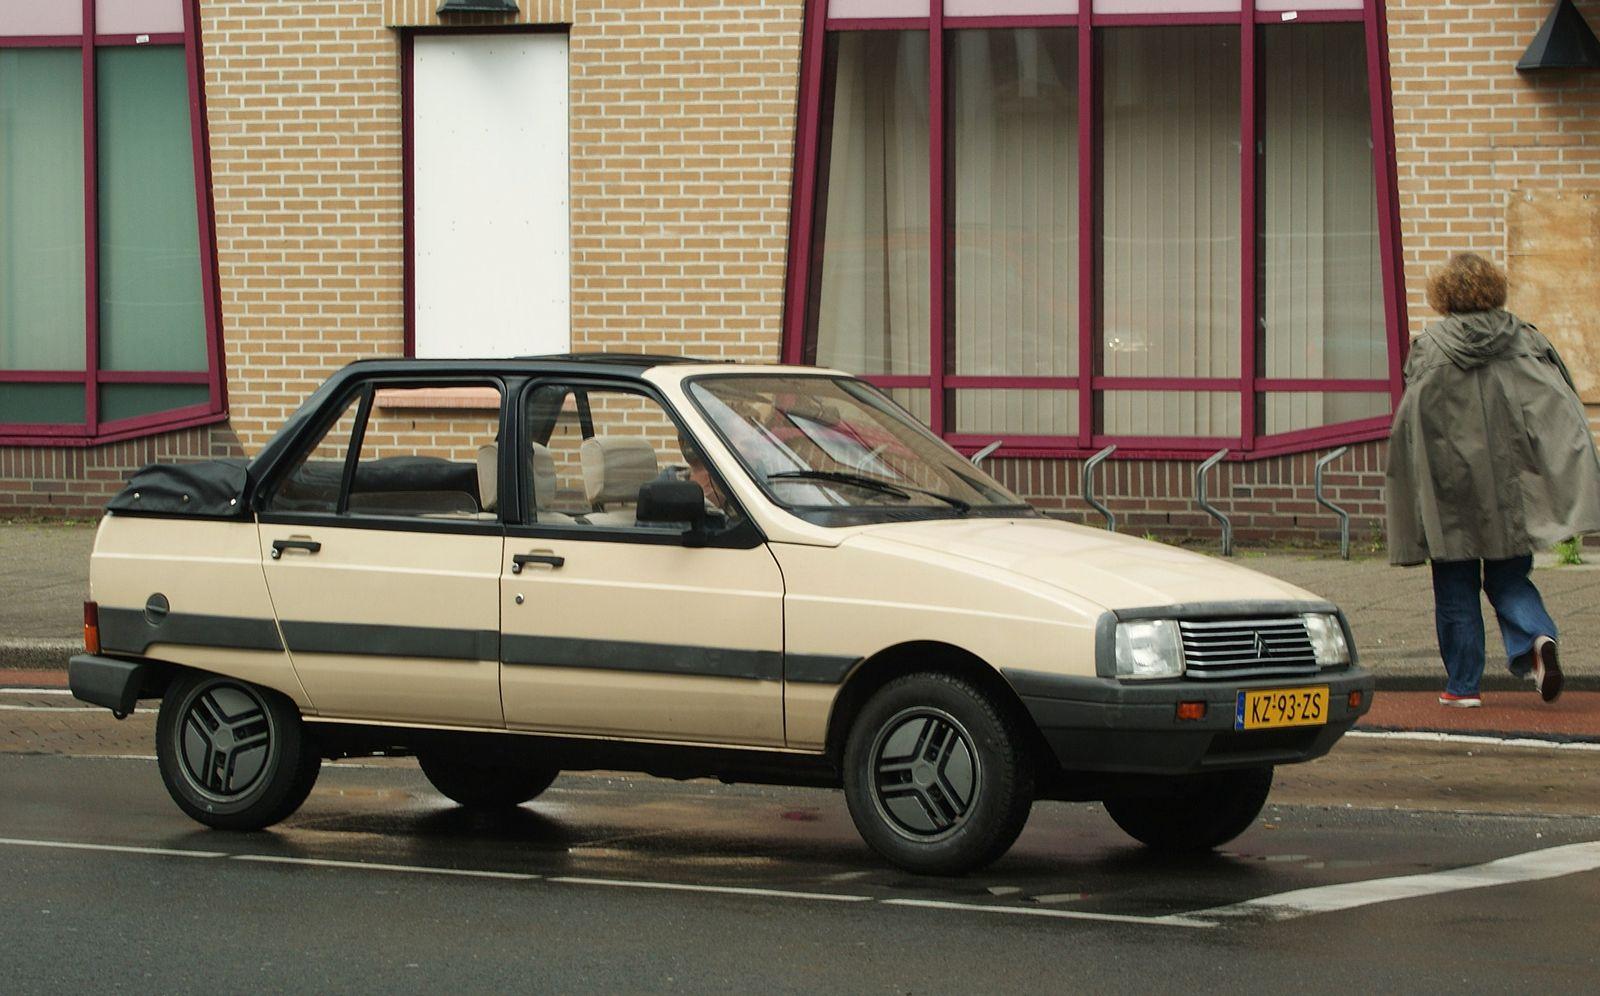 2019 - [Citroën] 19_19 - Page 2 1600px-1984_Citroën_Visa_11_RE_Décapotable_%288880299965%29